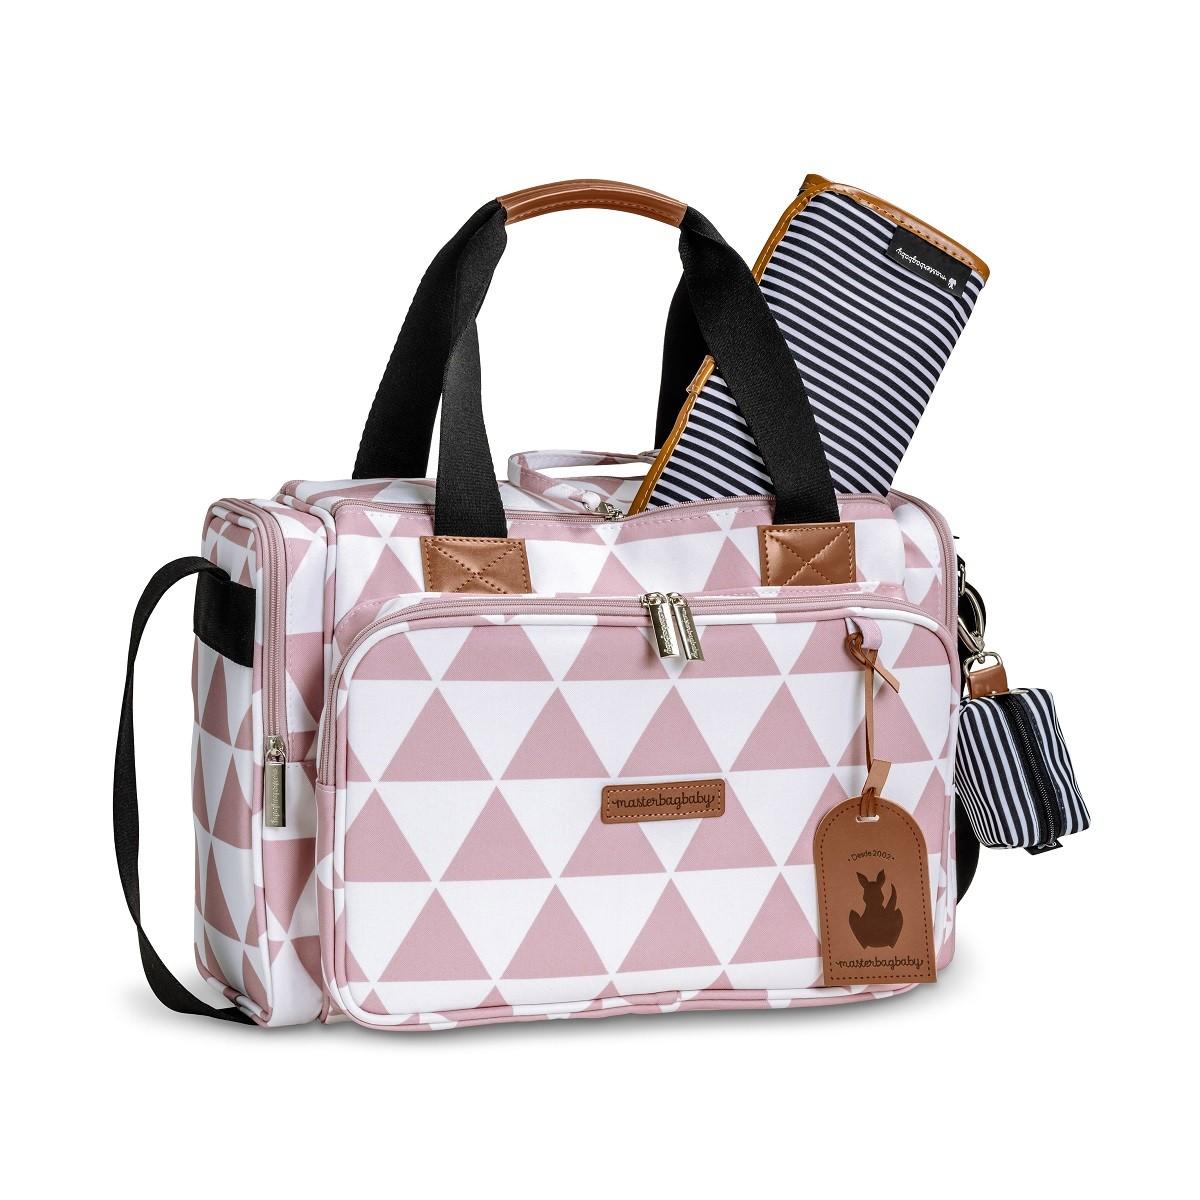 Bolsa maternidade térmica Anne - Coleção Manhattan Rosa - Masterbag Baby